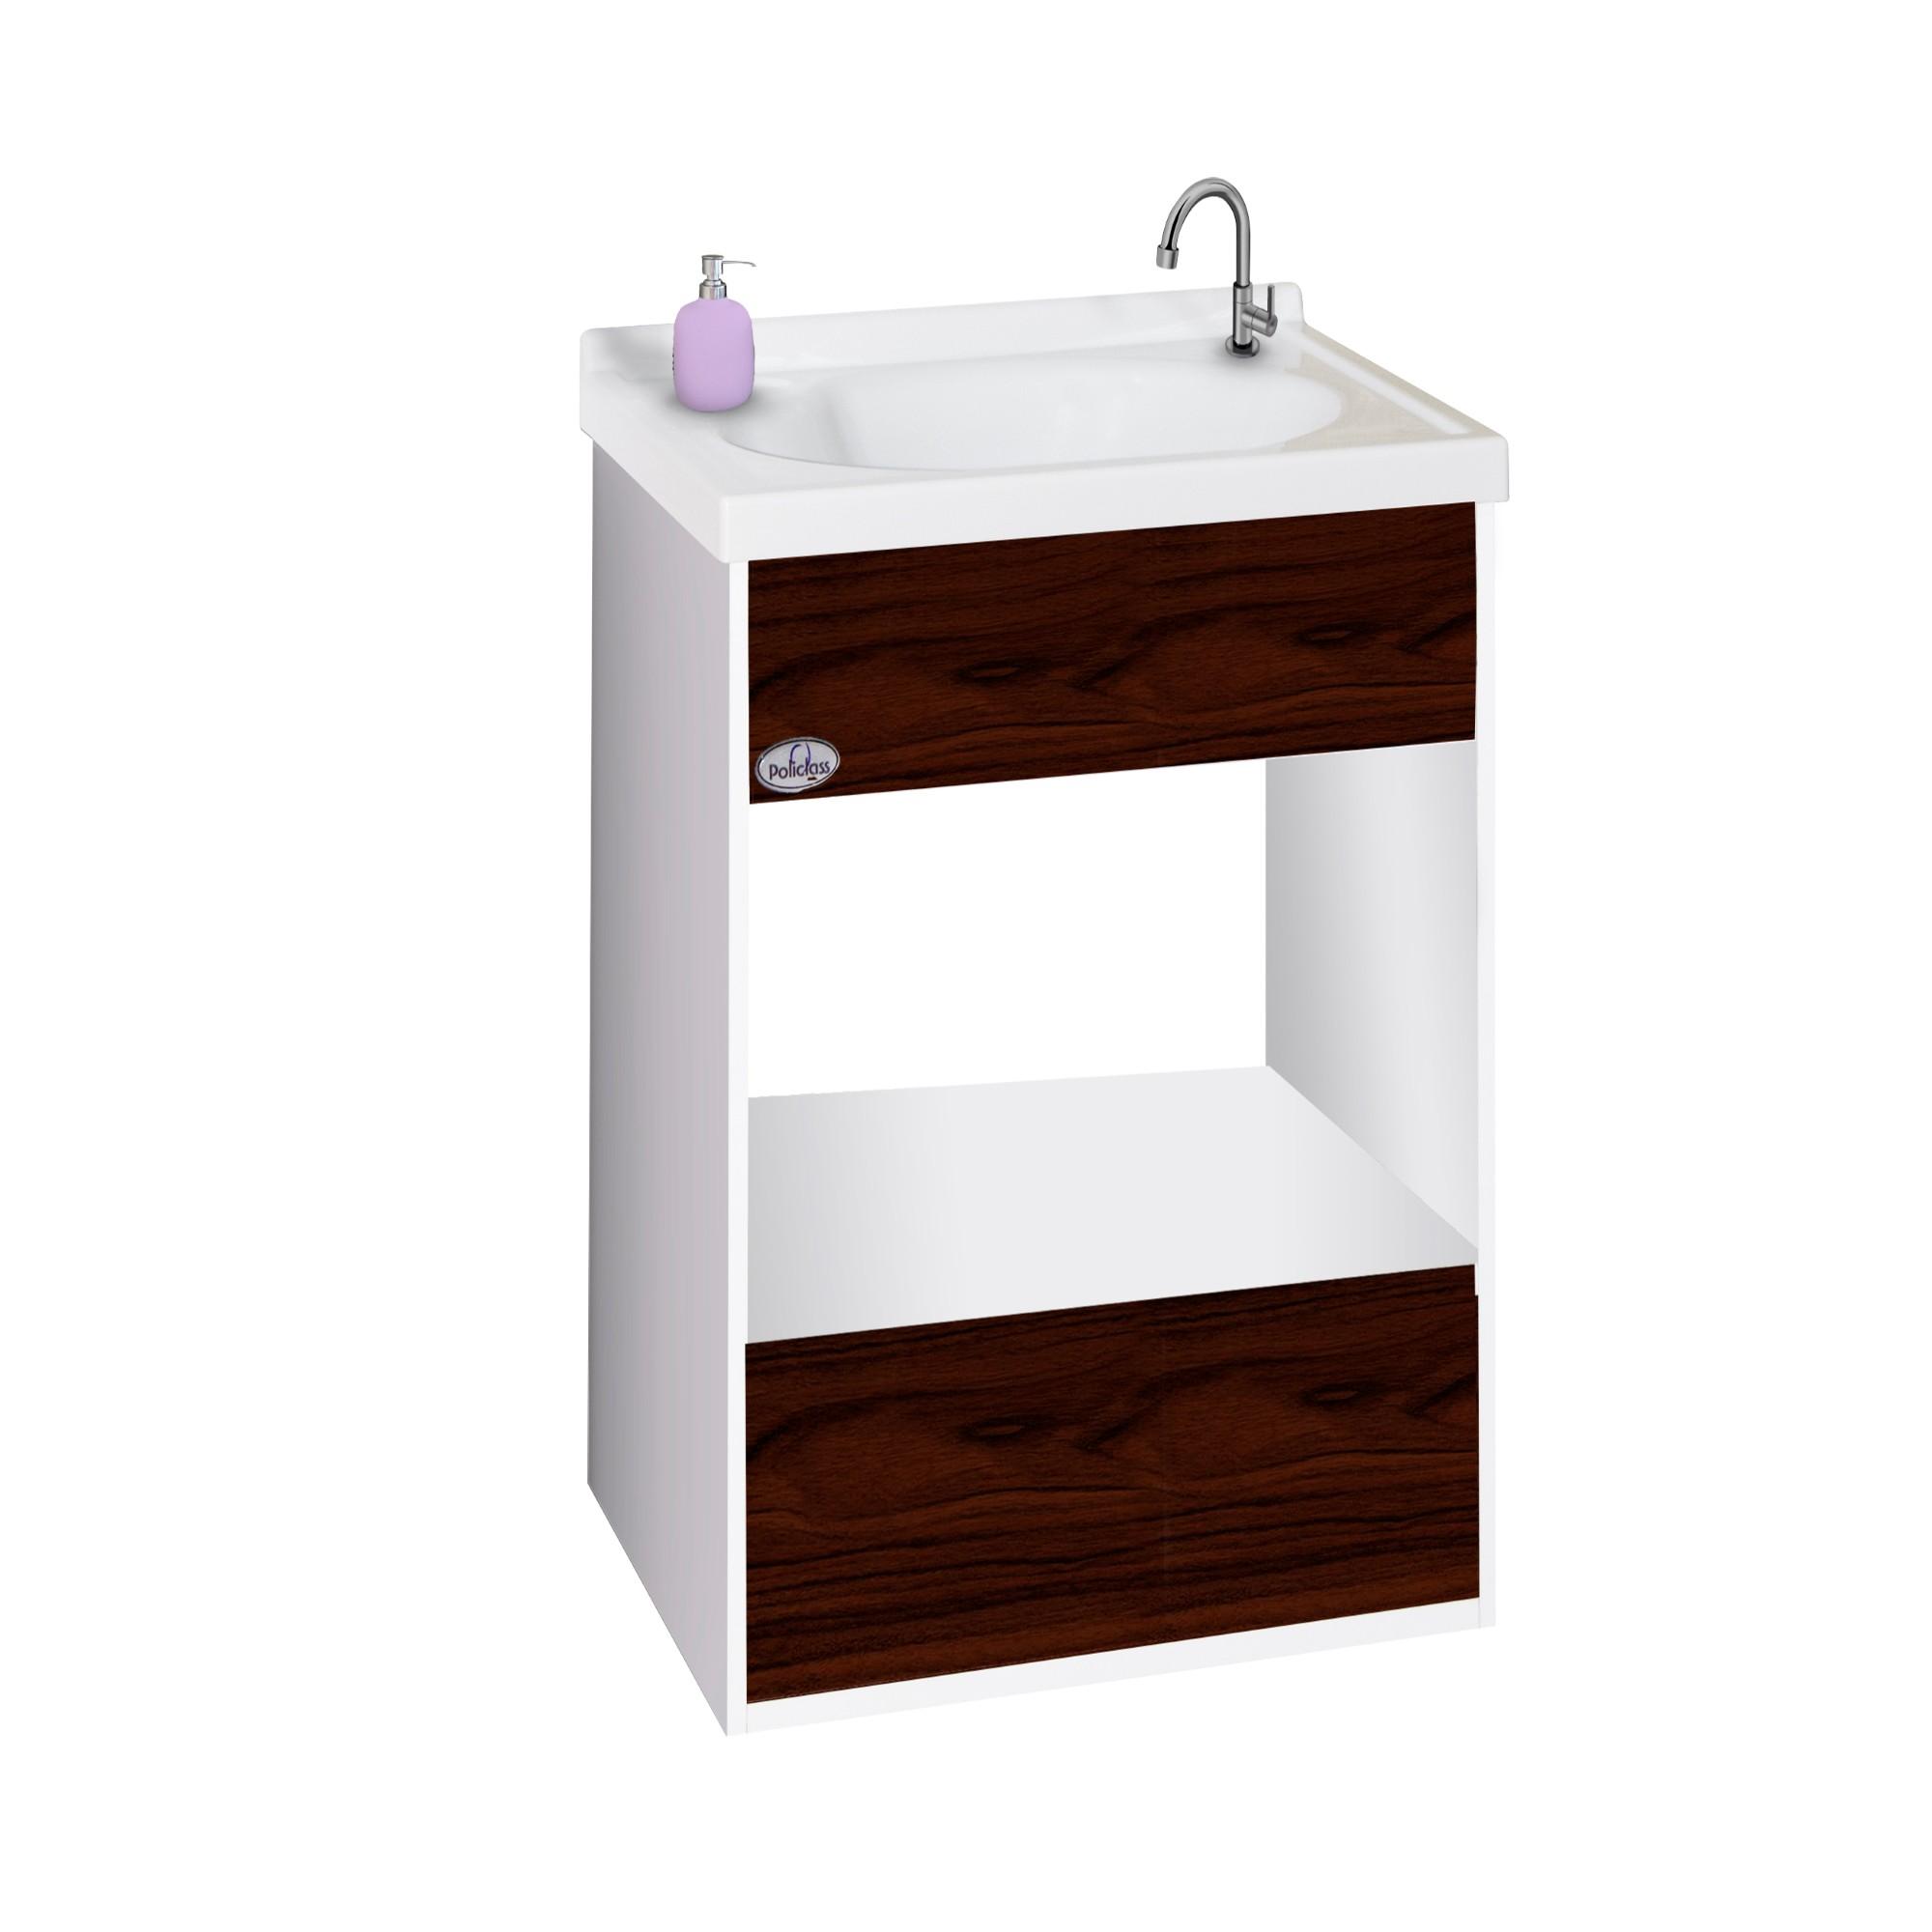 Gabinete para Banheiro 56x385cm Nogueira Pop 114010428 - Policlass